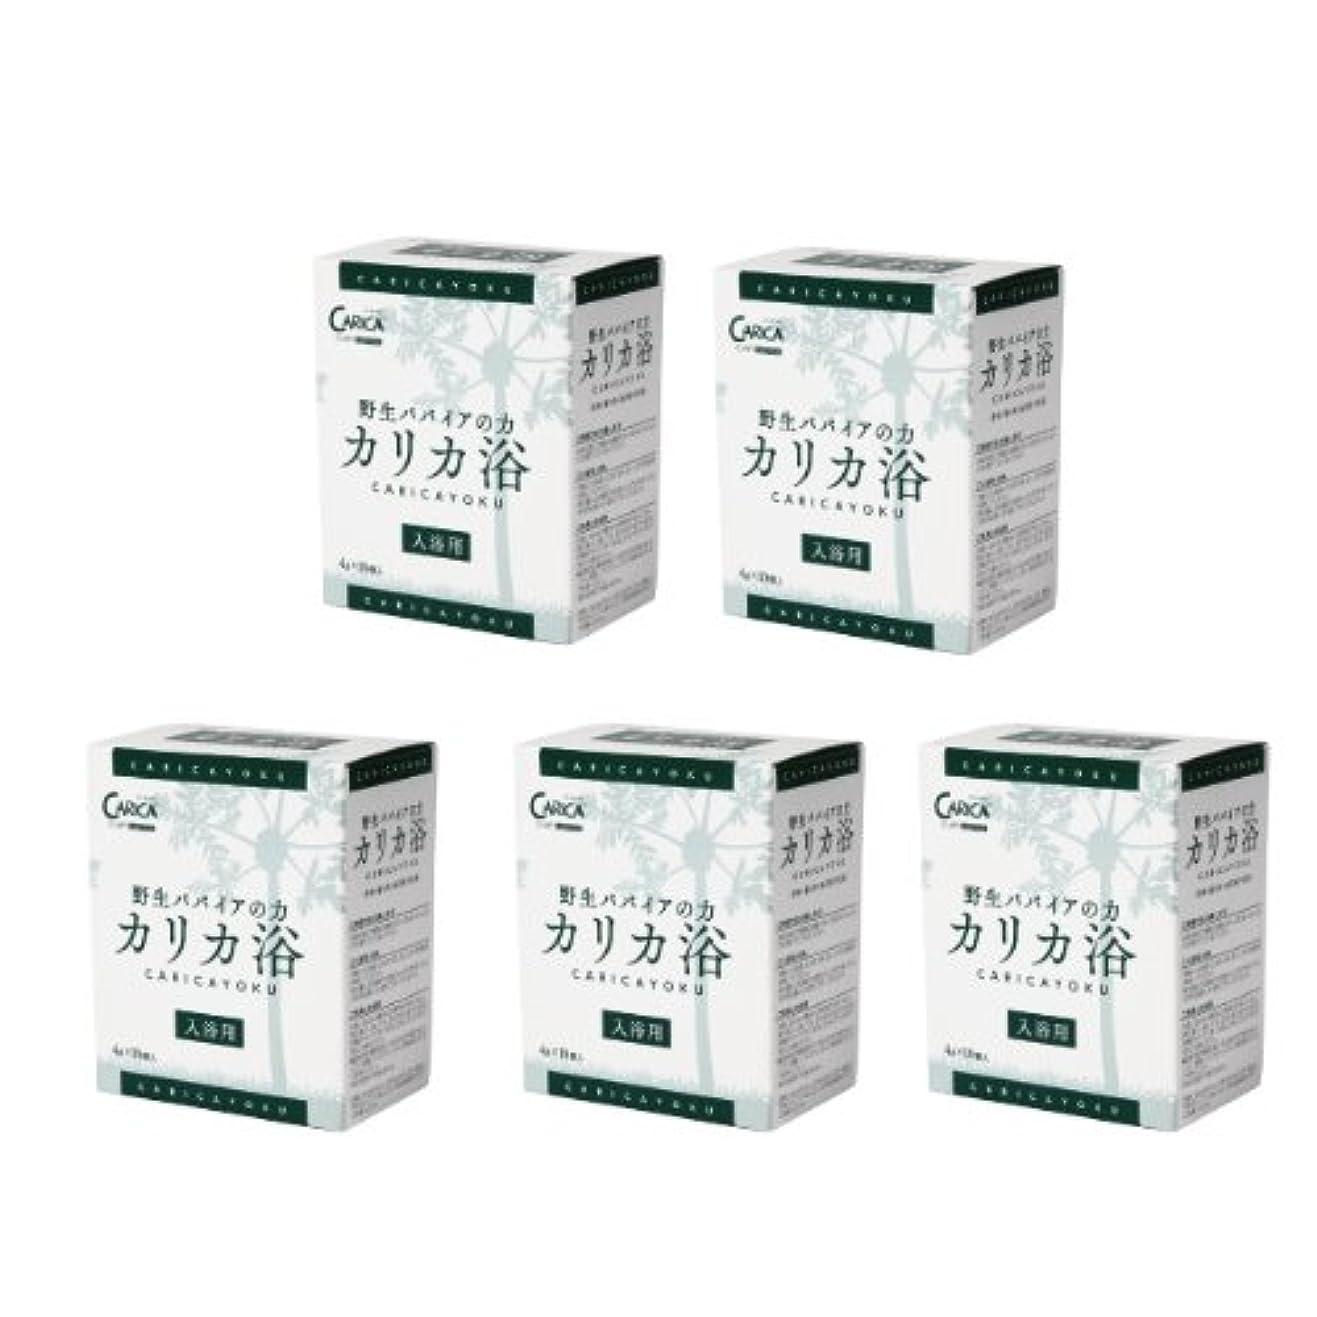 カリカ浴(4g x 10包) 5箱セット + おまけ(カリカ浴 5包付き)